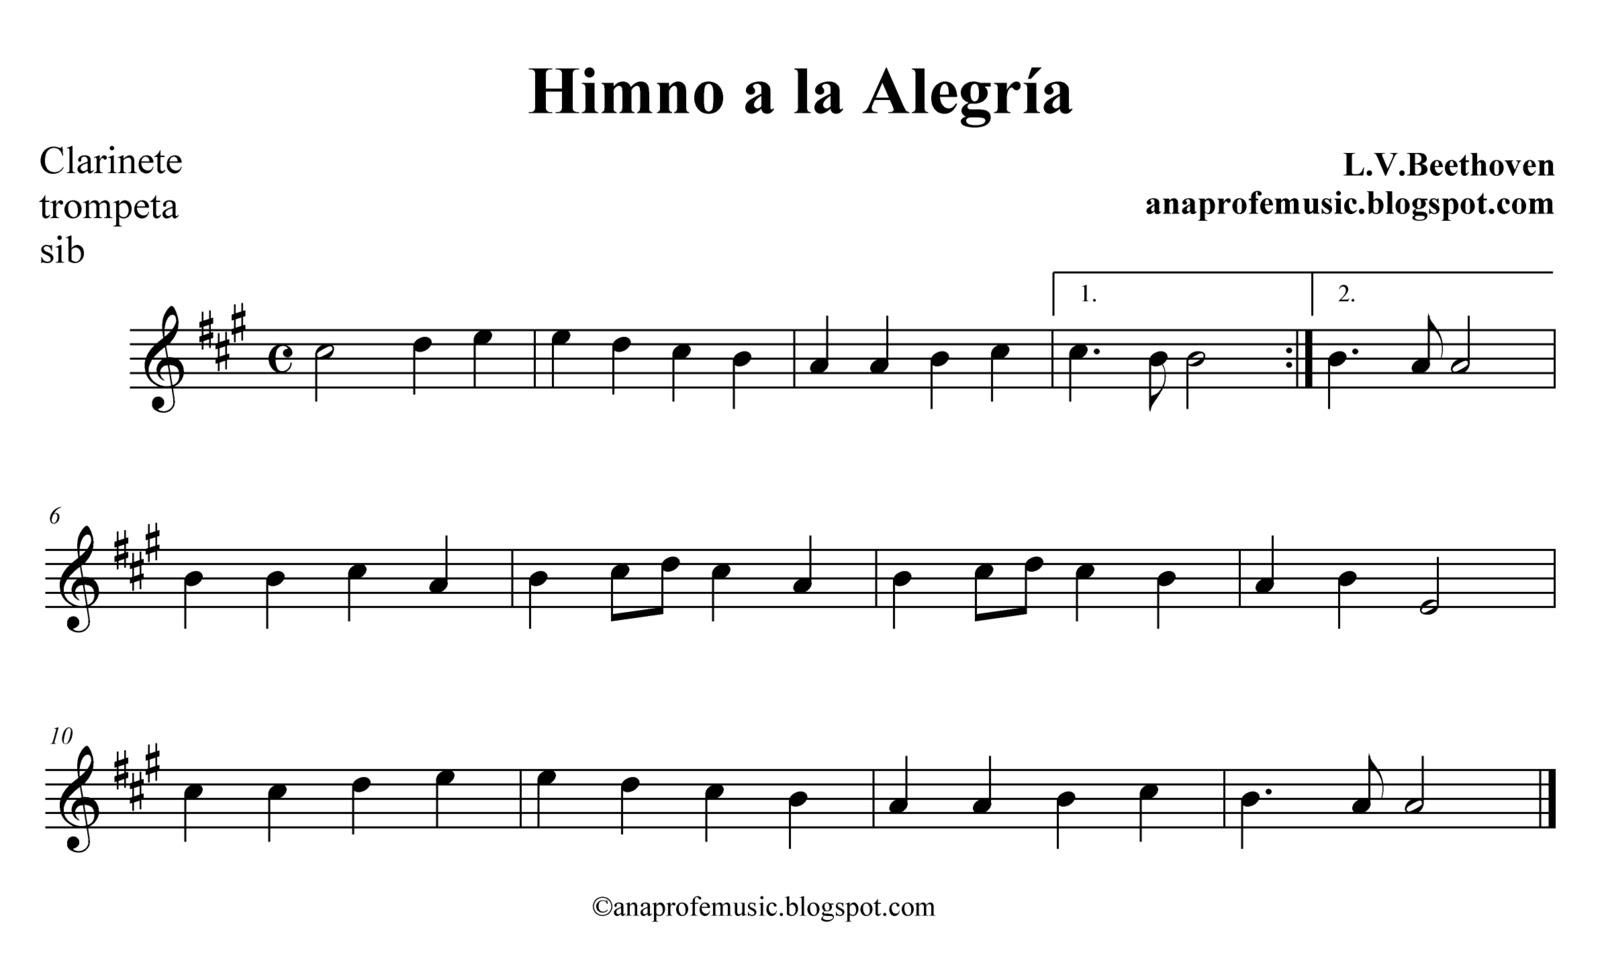 Anaprofemusic partitura himno a la alegr a for Cancion el jardin de la alegria